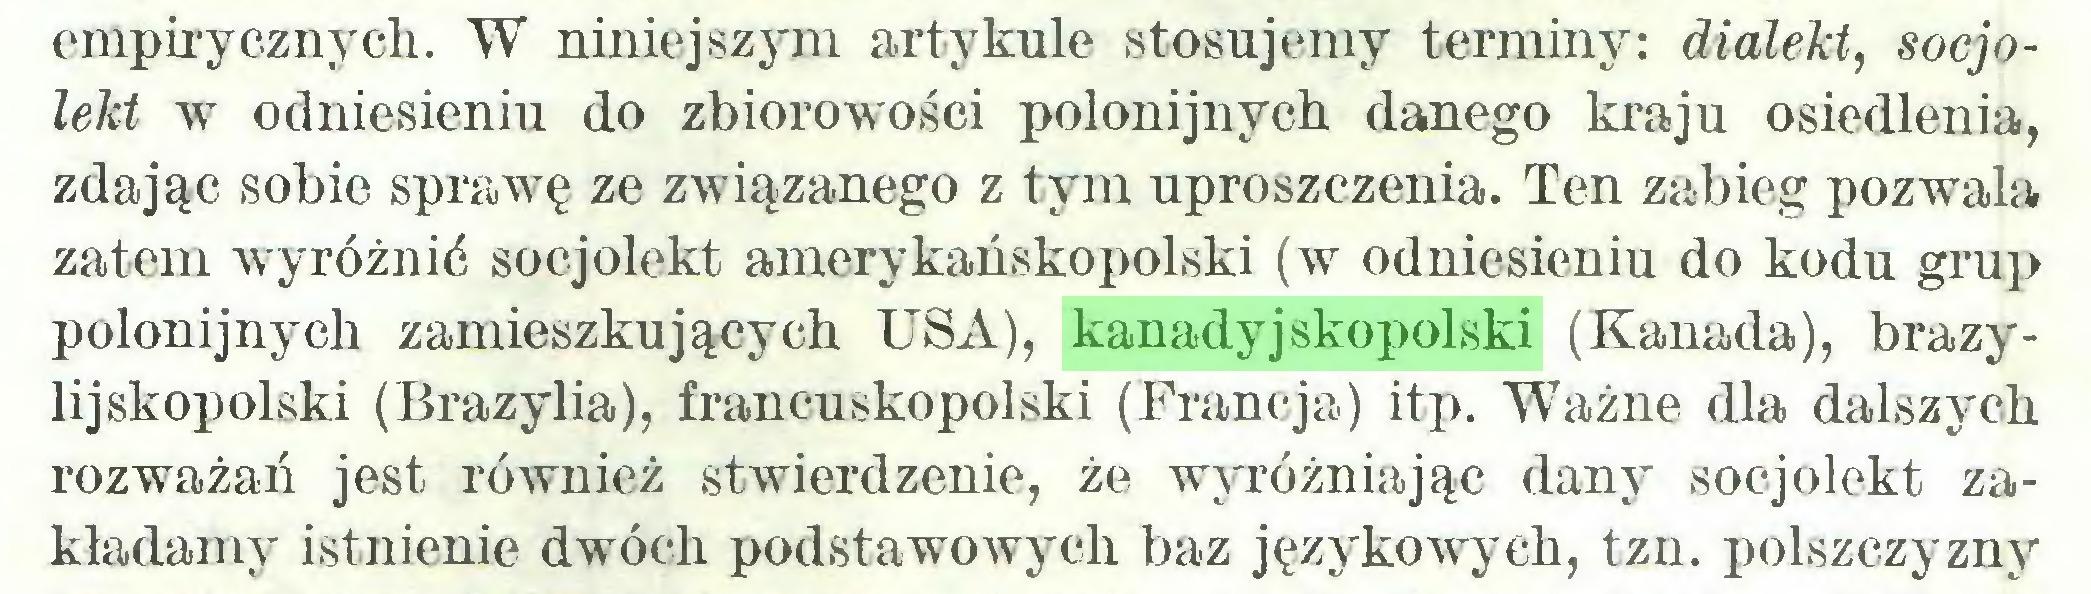 (...) empirycznych. W niniejszym artykule stosujemy terminy: dialekt, socjolekt w odniesieniu do zbiorowości polonijnych danego kraju osiedlenia, zdając sobie sprawę ze związanego z tym uproszczenia. Ten zabieg pozwala zatem wyróżnić socjolekt amerykańskopolski (w odniesieniu do kodu grup polonijnych zamieszkujących USA), kanadyjskopolski (Kanada), brazylijskopolski (Brazylia), francuskopolski (Francja) itp. Ważne dla dalszych rozważań jest również stwierdzenie, że wyróżniając dany socjolekt zakładamy istnienie dwóch podstawowych baz językowych, tzn. polszczyzny...